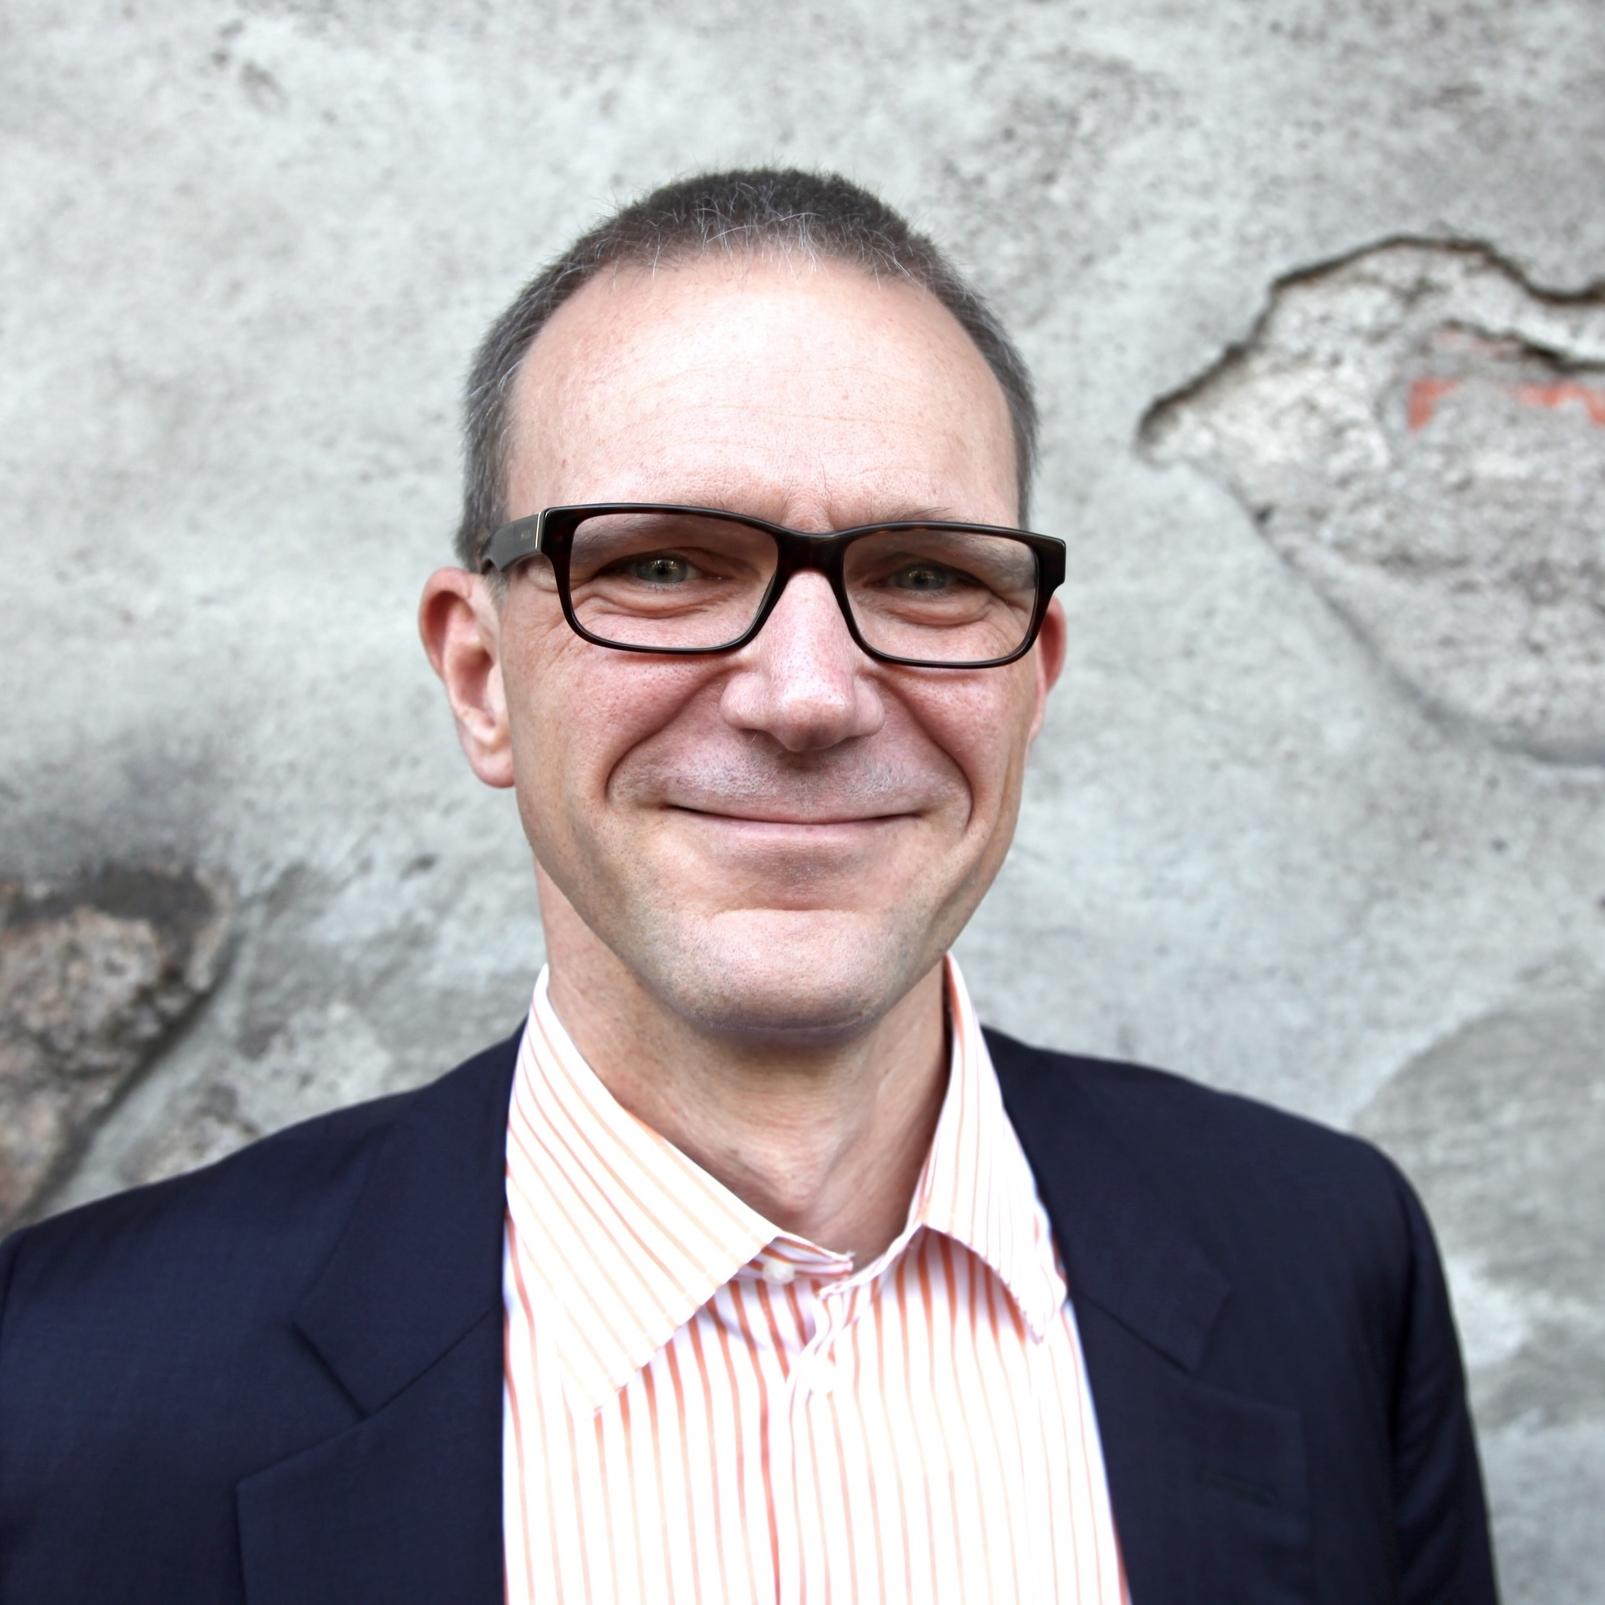 Jussi Vanhanen  on 43-vuotias yritysjohtaja, joka on työuransa aikana vastannut miljardien eurojen liiketoimista niin Suomessa kuin ulkomailla. Vapaa-aikanaan Vanhanen harrastaa suunnistusta, pokeria, kestävyysjuoksua ja shakkia. Vapaus, veljeys, ahneus on hänen esikoisromaaninsa.    Lataa  >  Pressikuva   Kansi  >  Vapaus, veljeys, ahneus   Arvostelukappaleet ja haastattelut  >  heini.salminen@kosmoskirjat.fi